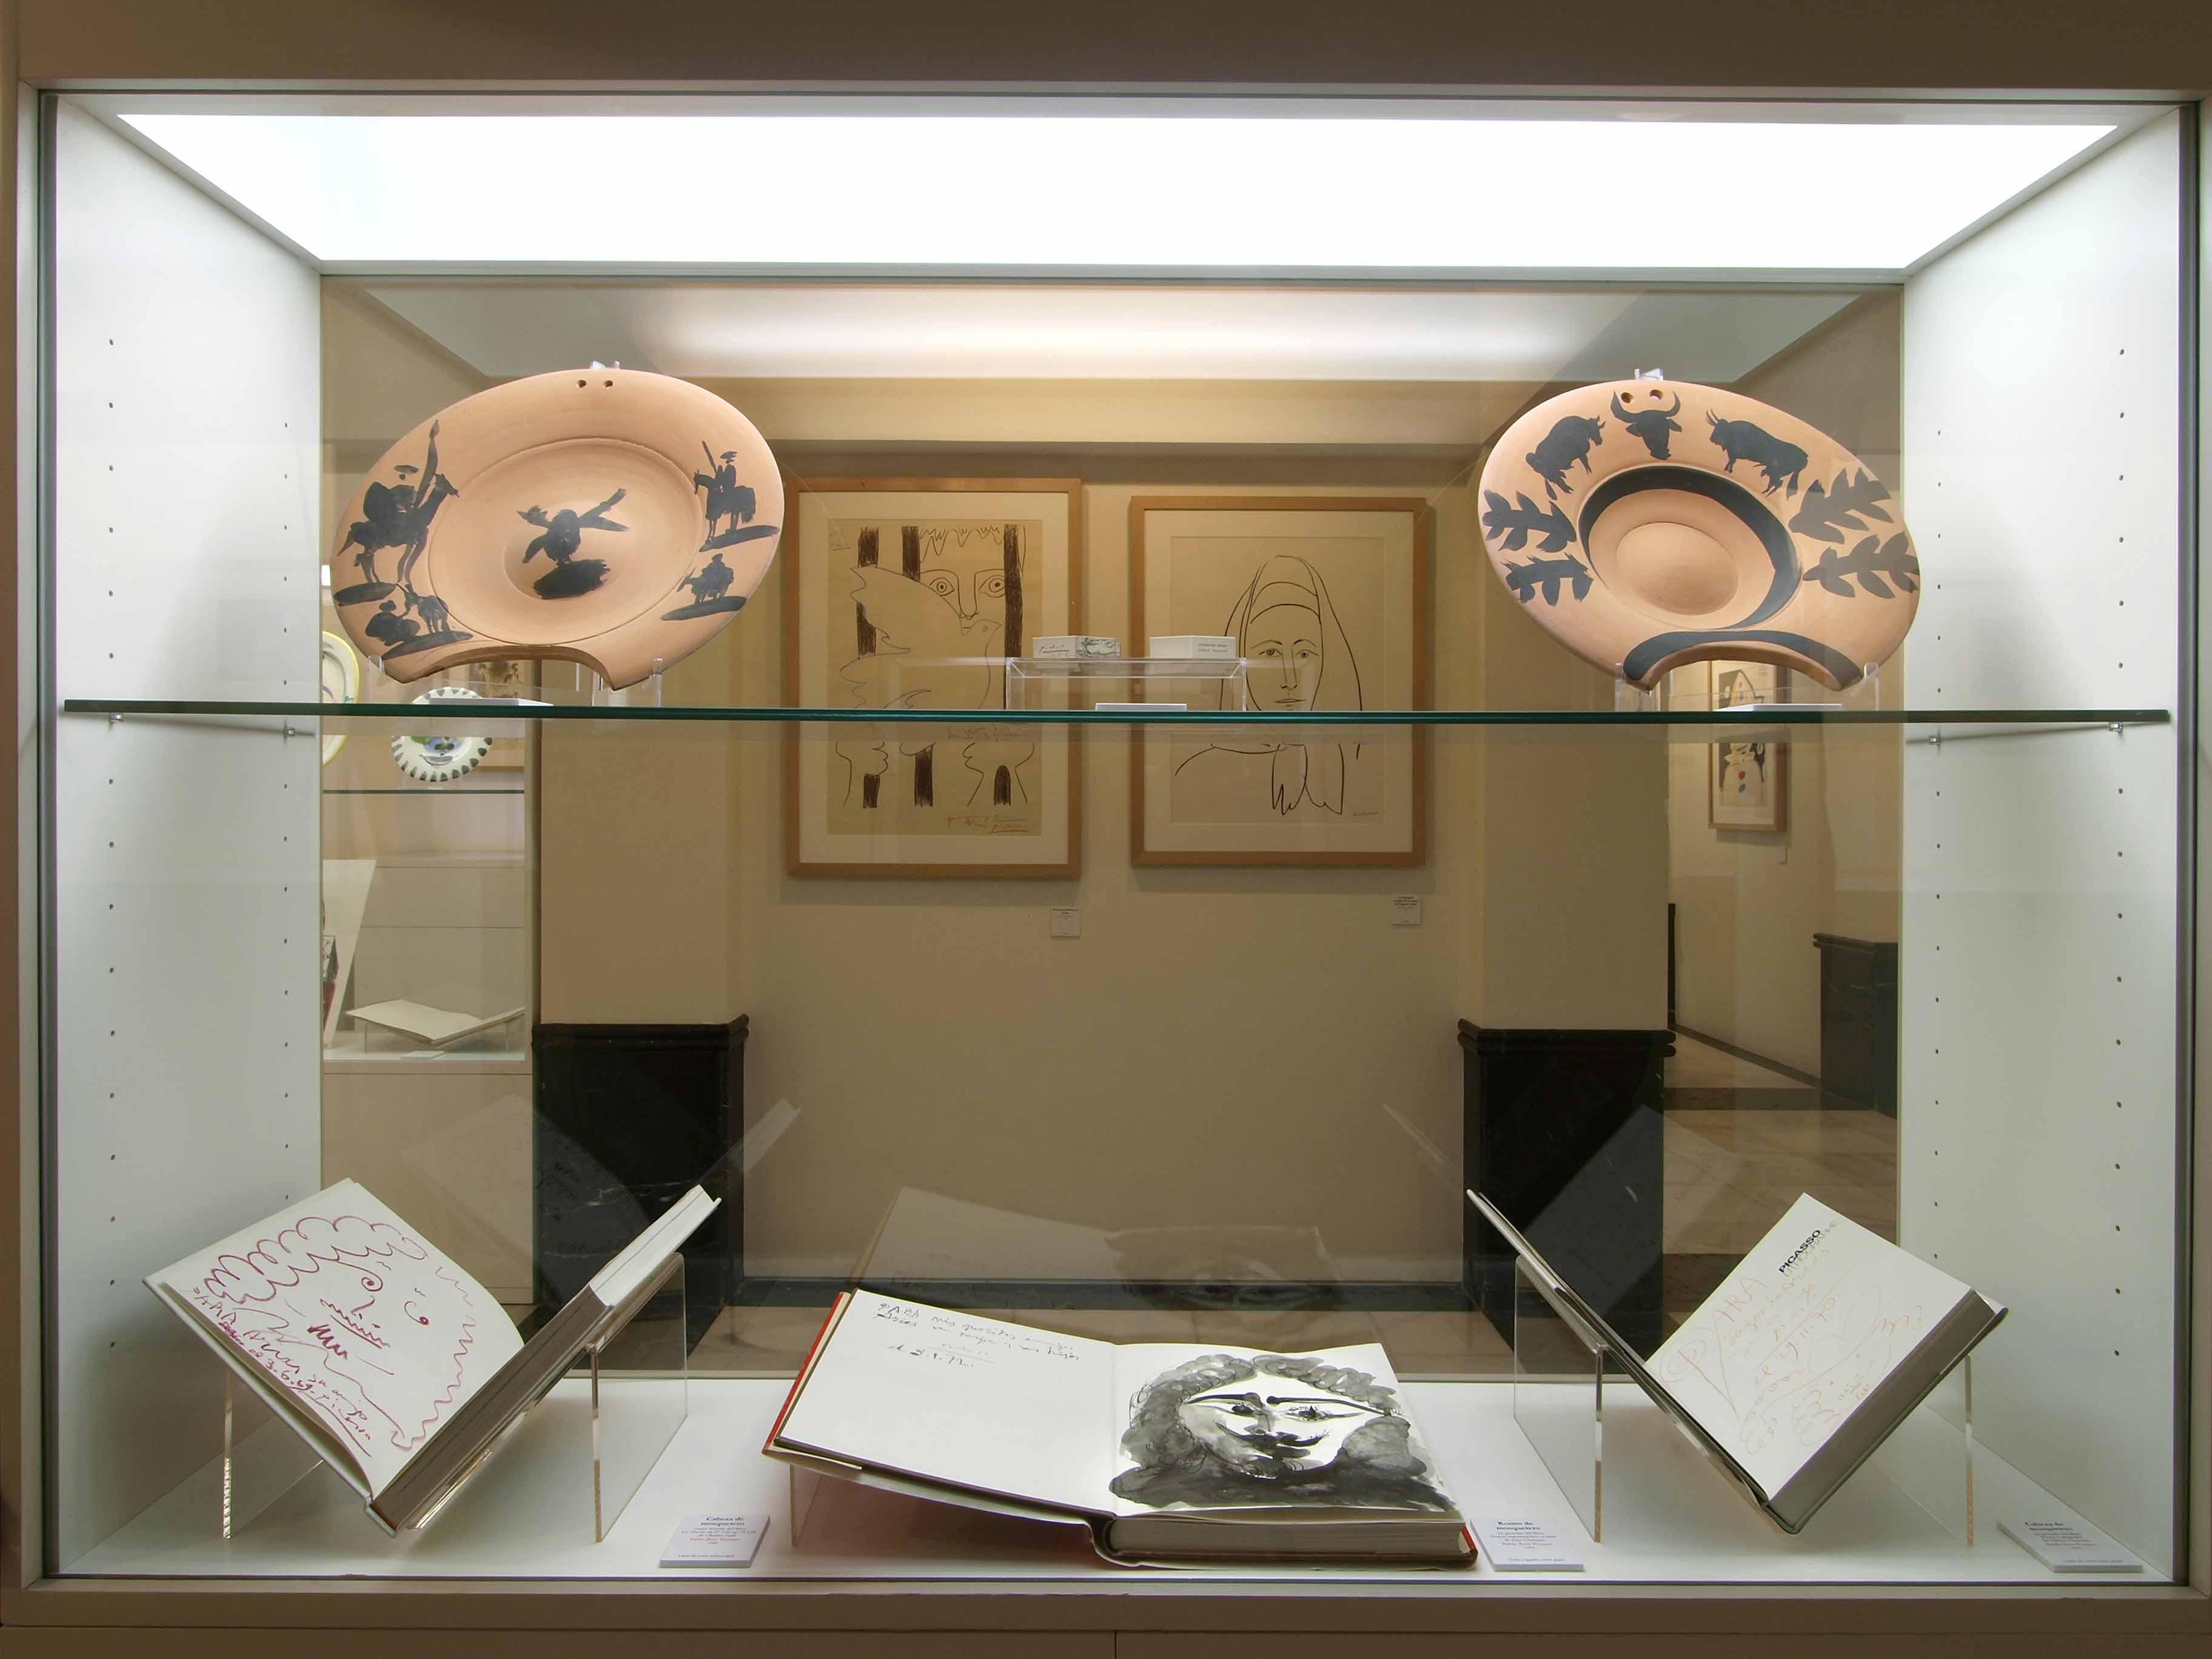 Museo Picasso en Buitrago del Lozoya